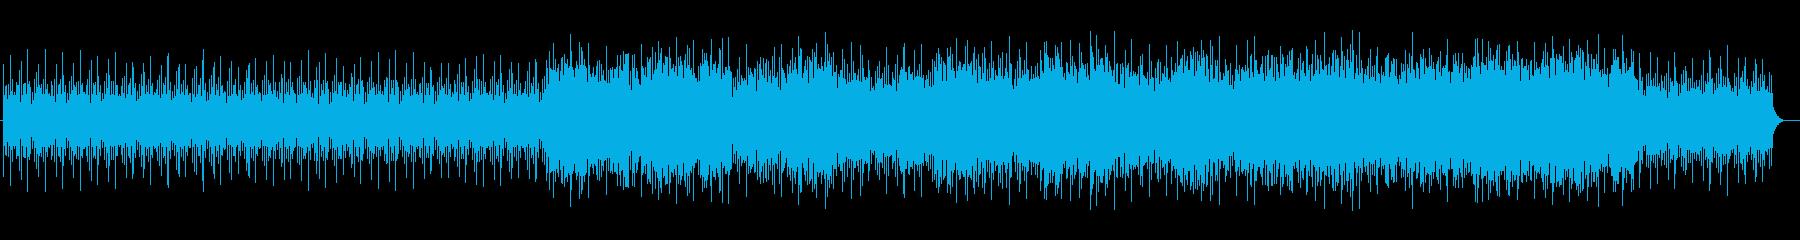 透明感のある鉄琴サウンドの再生済みの波形